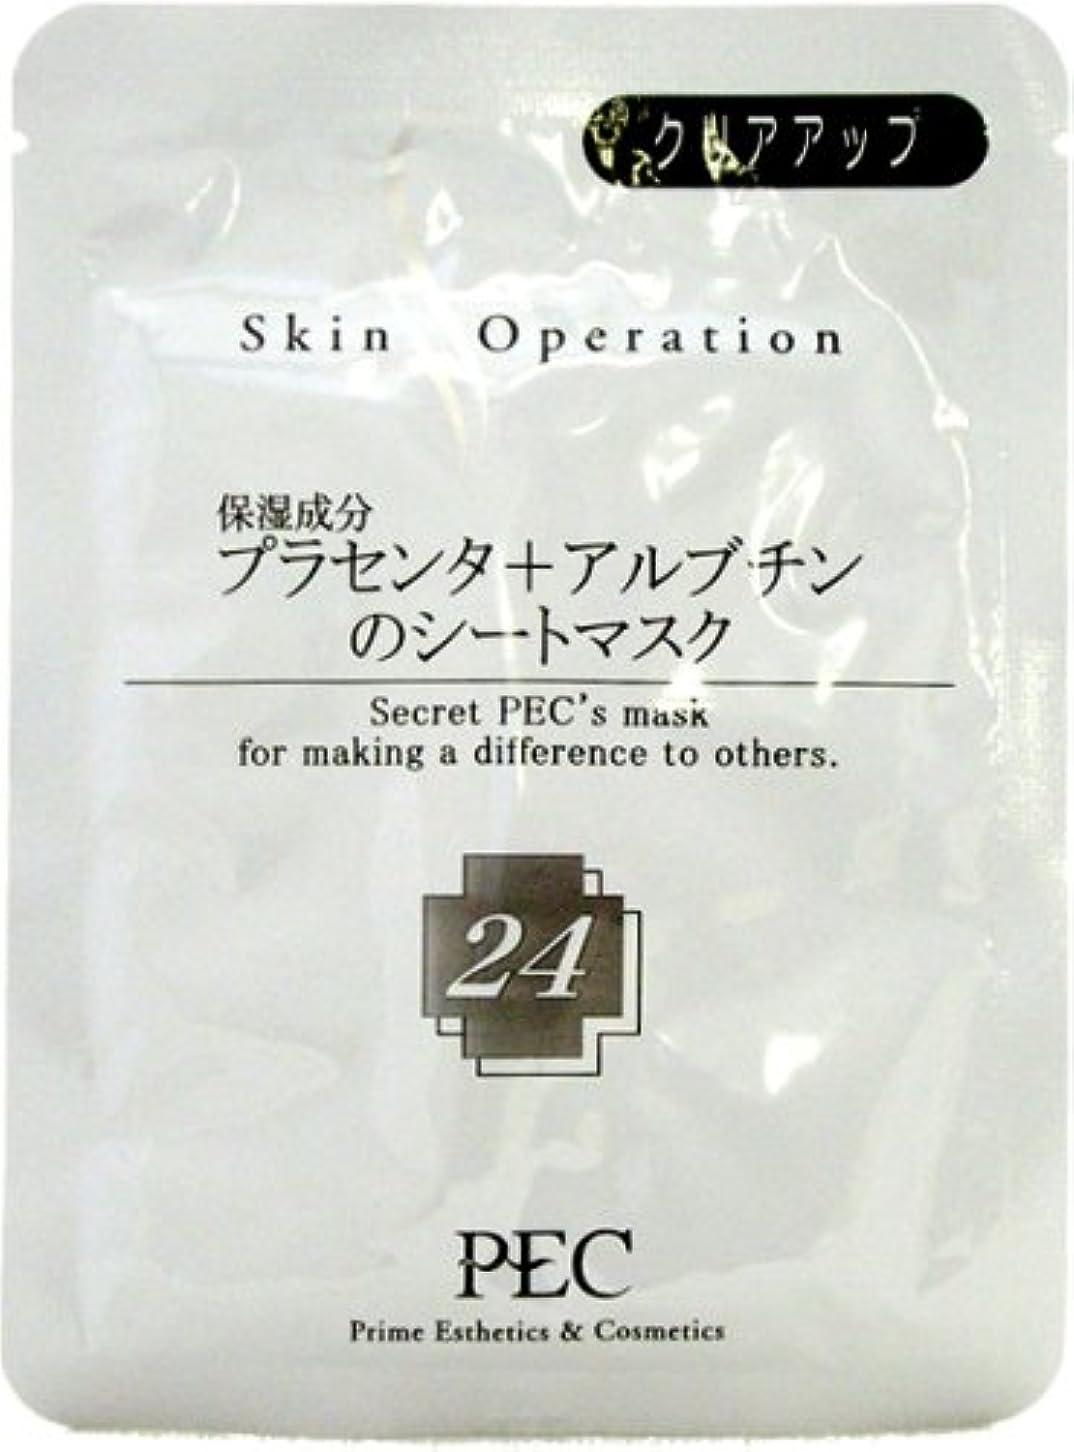 地域ジョブ地殻スキンオペレーション マスク24 プラセンタ+アルブチンのシートマスク 1枚入り/美容液(25ml)